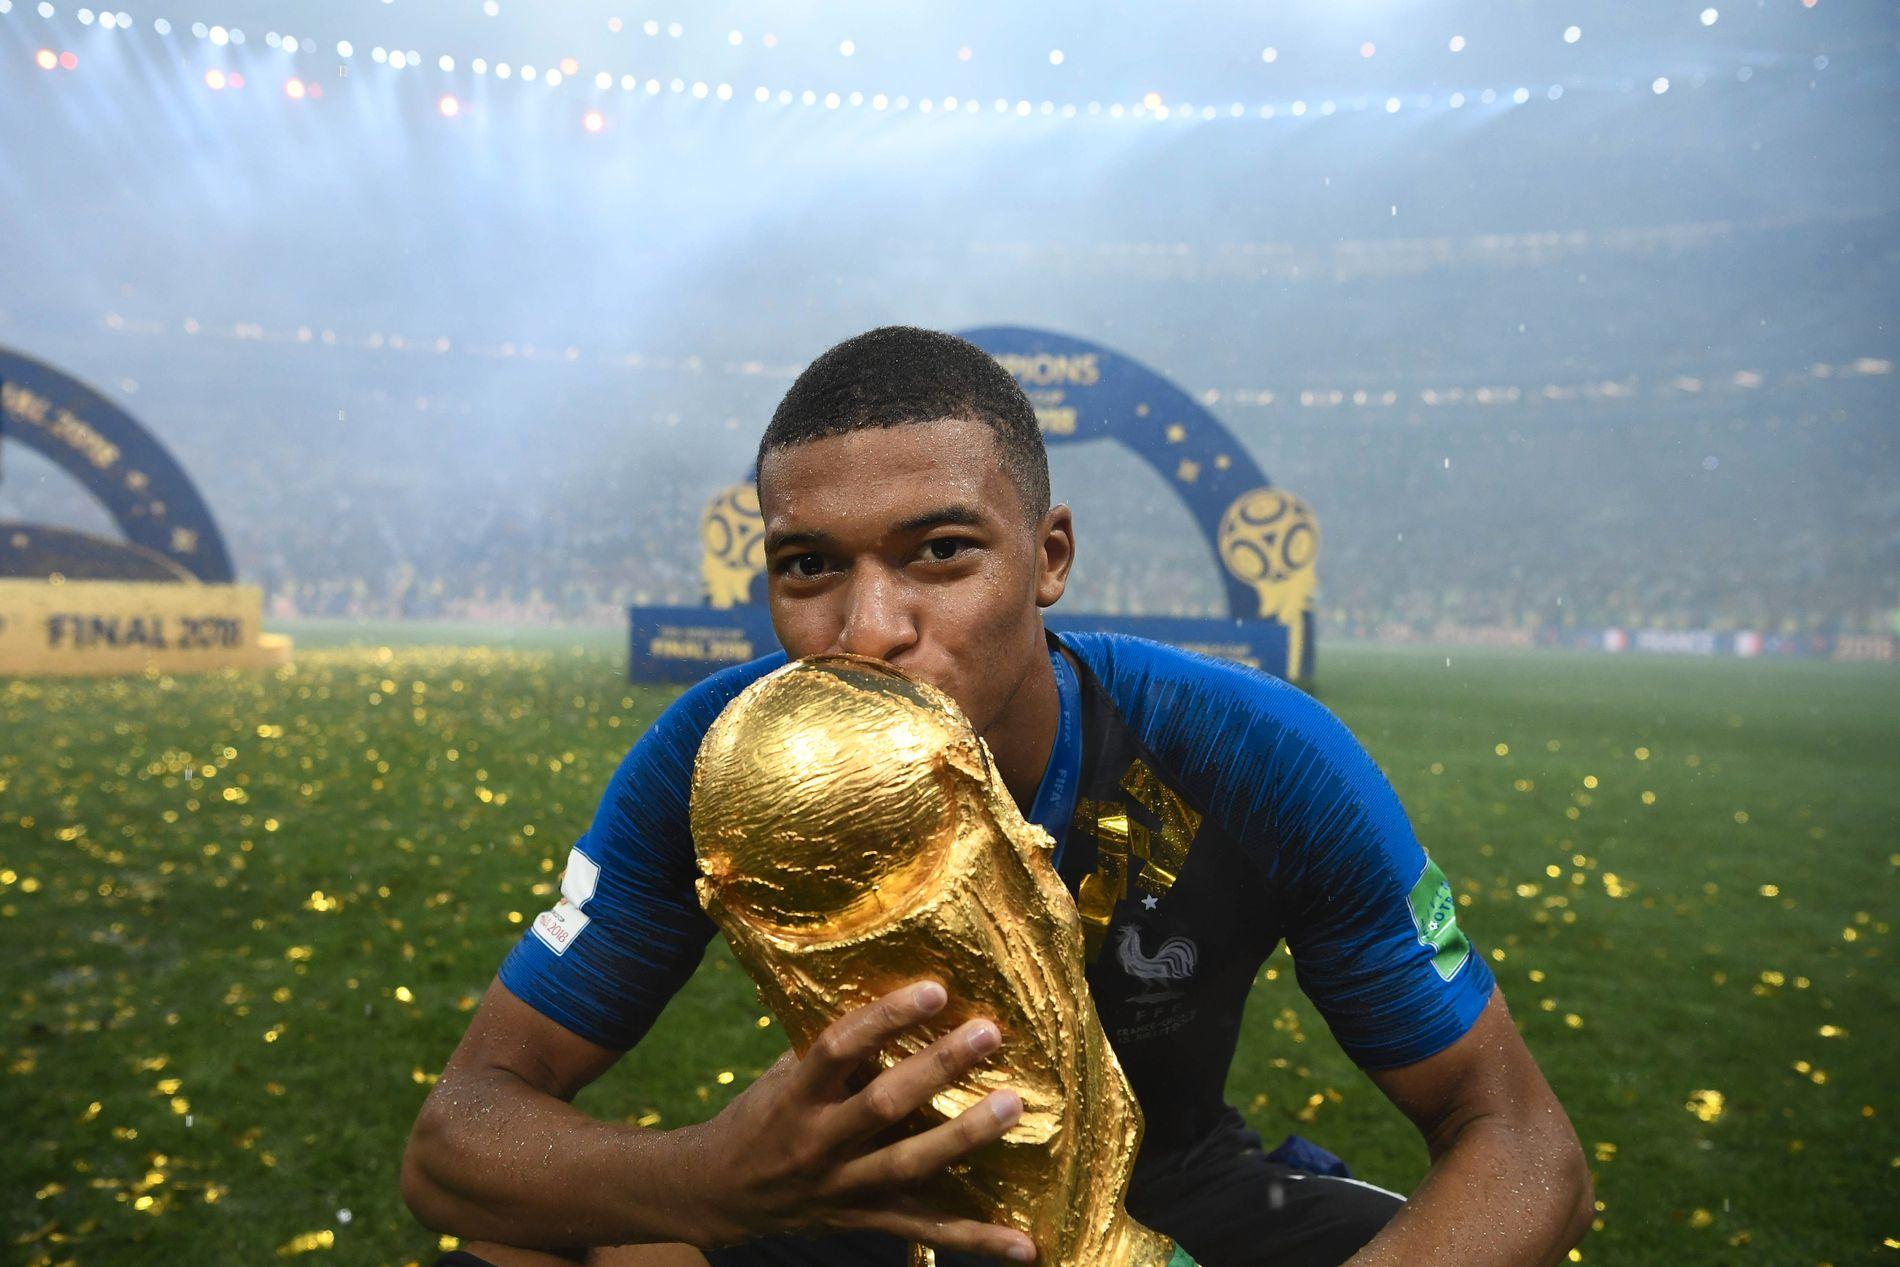 GULLVINNER: Med VM-gullet i hendene kunne Kylian Mbappé konstatere at han ble den andre til å vinne tenåring, etter brasilianske Pelé.